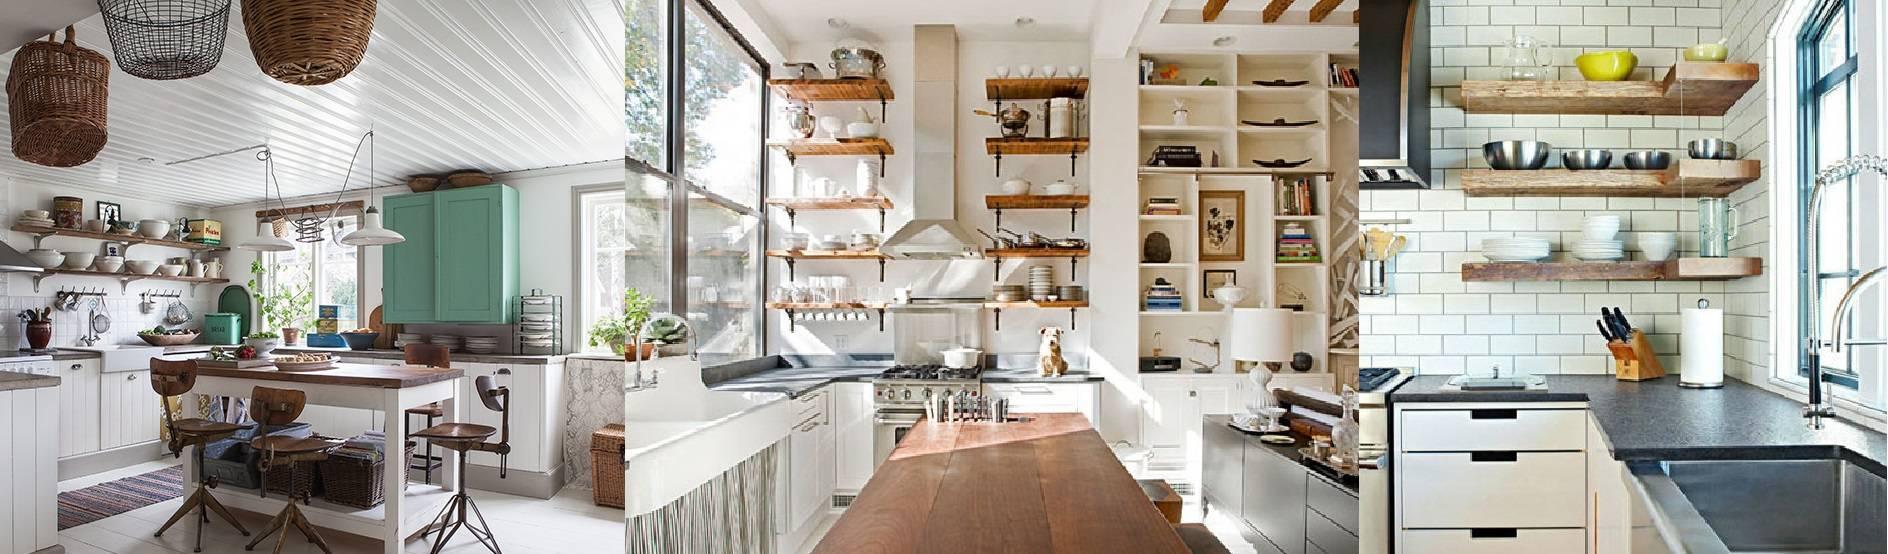 estanteria-para-cocinas-rusticas